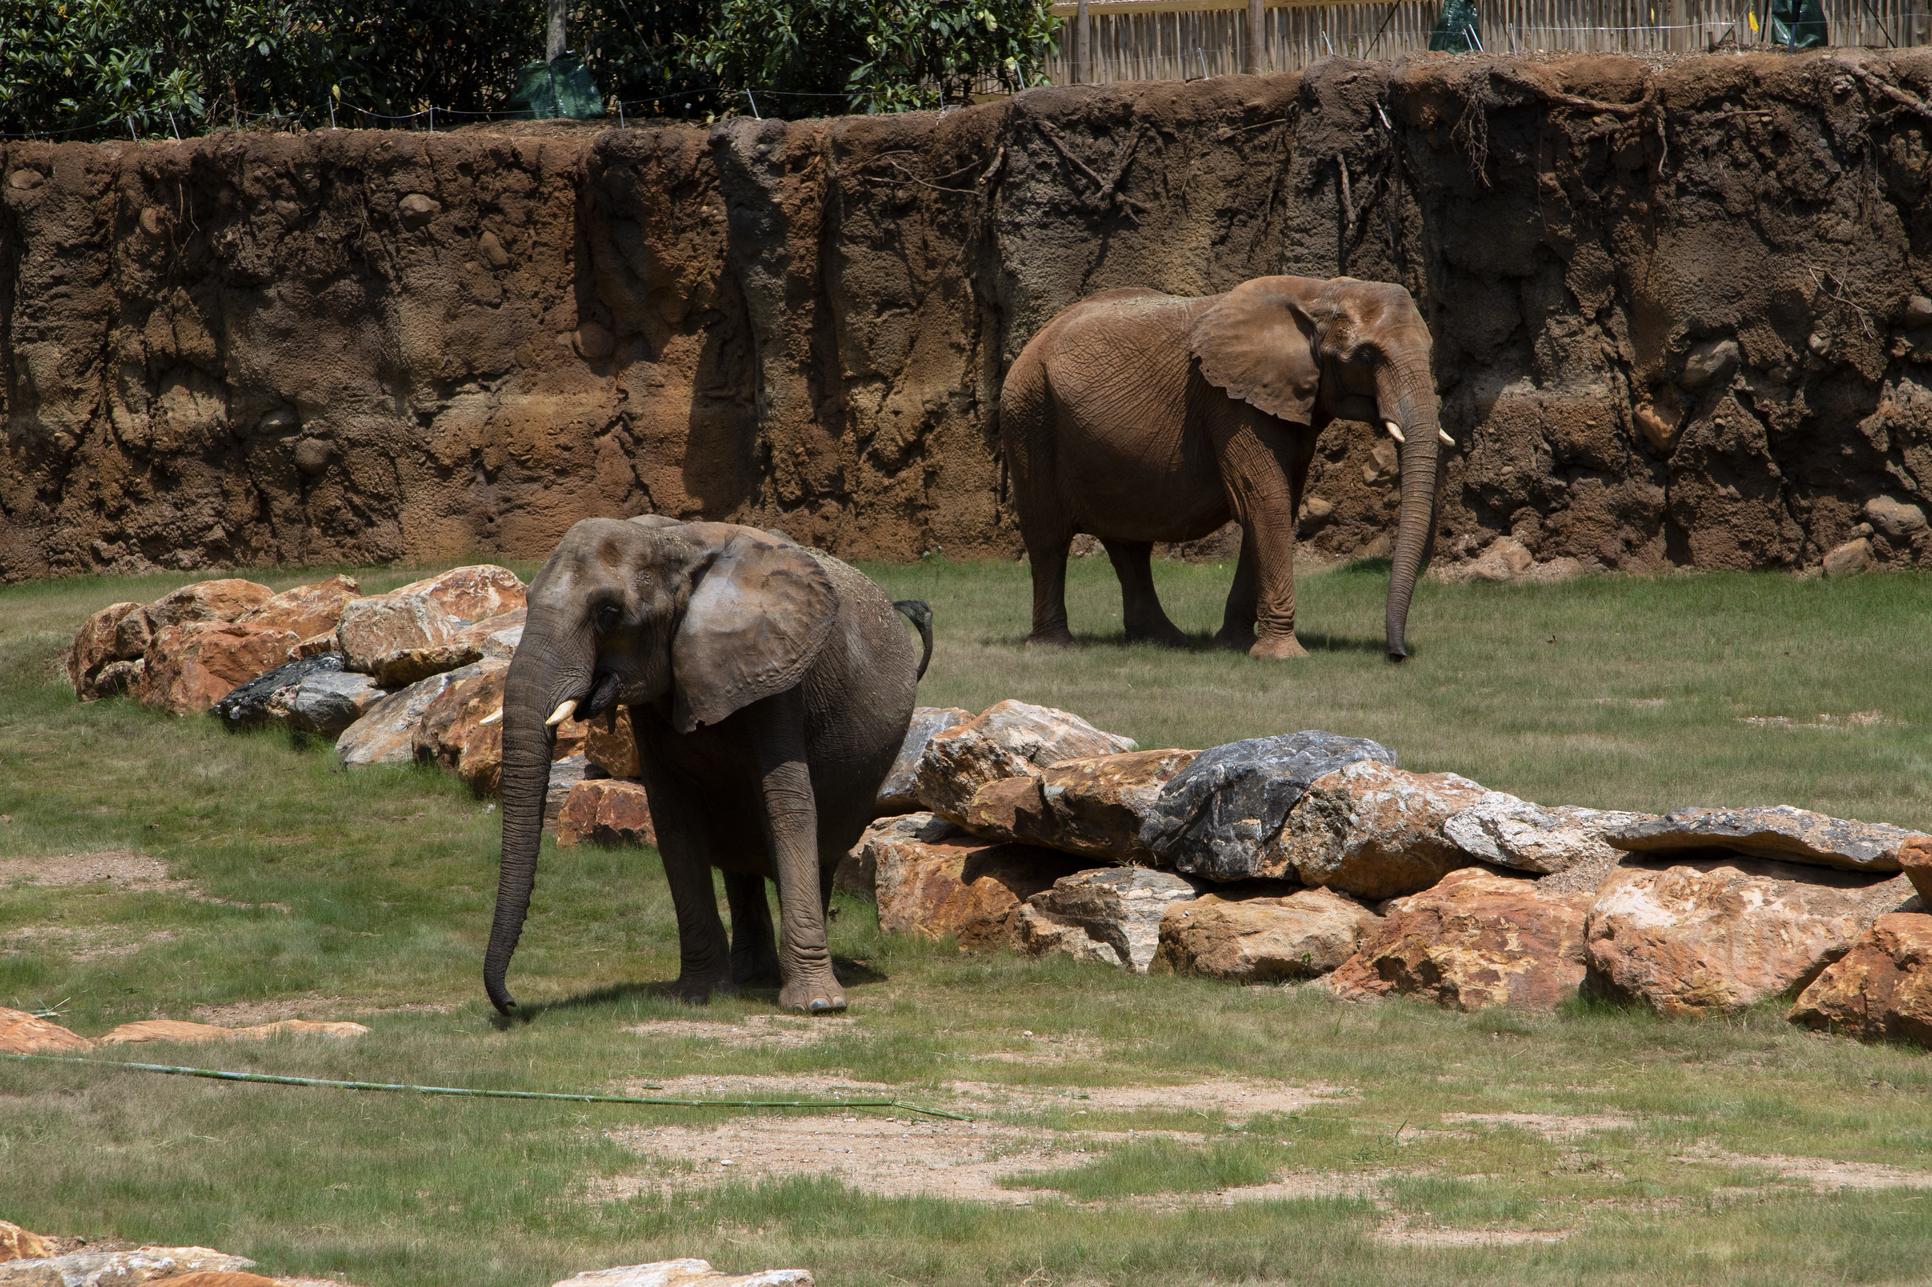 Elephants - Zoo Atlanta